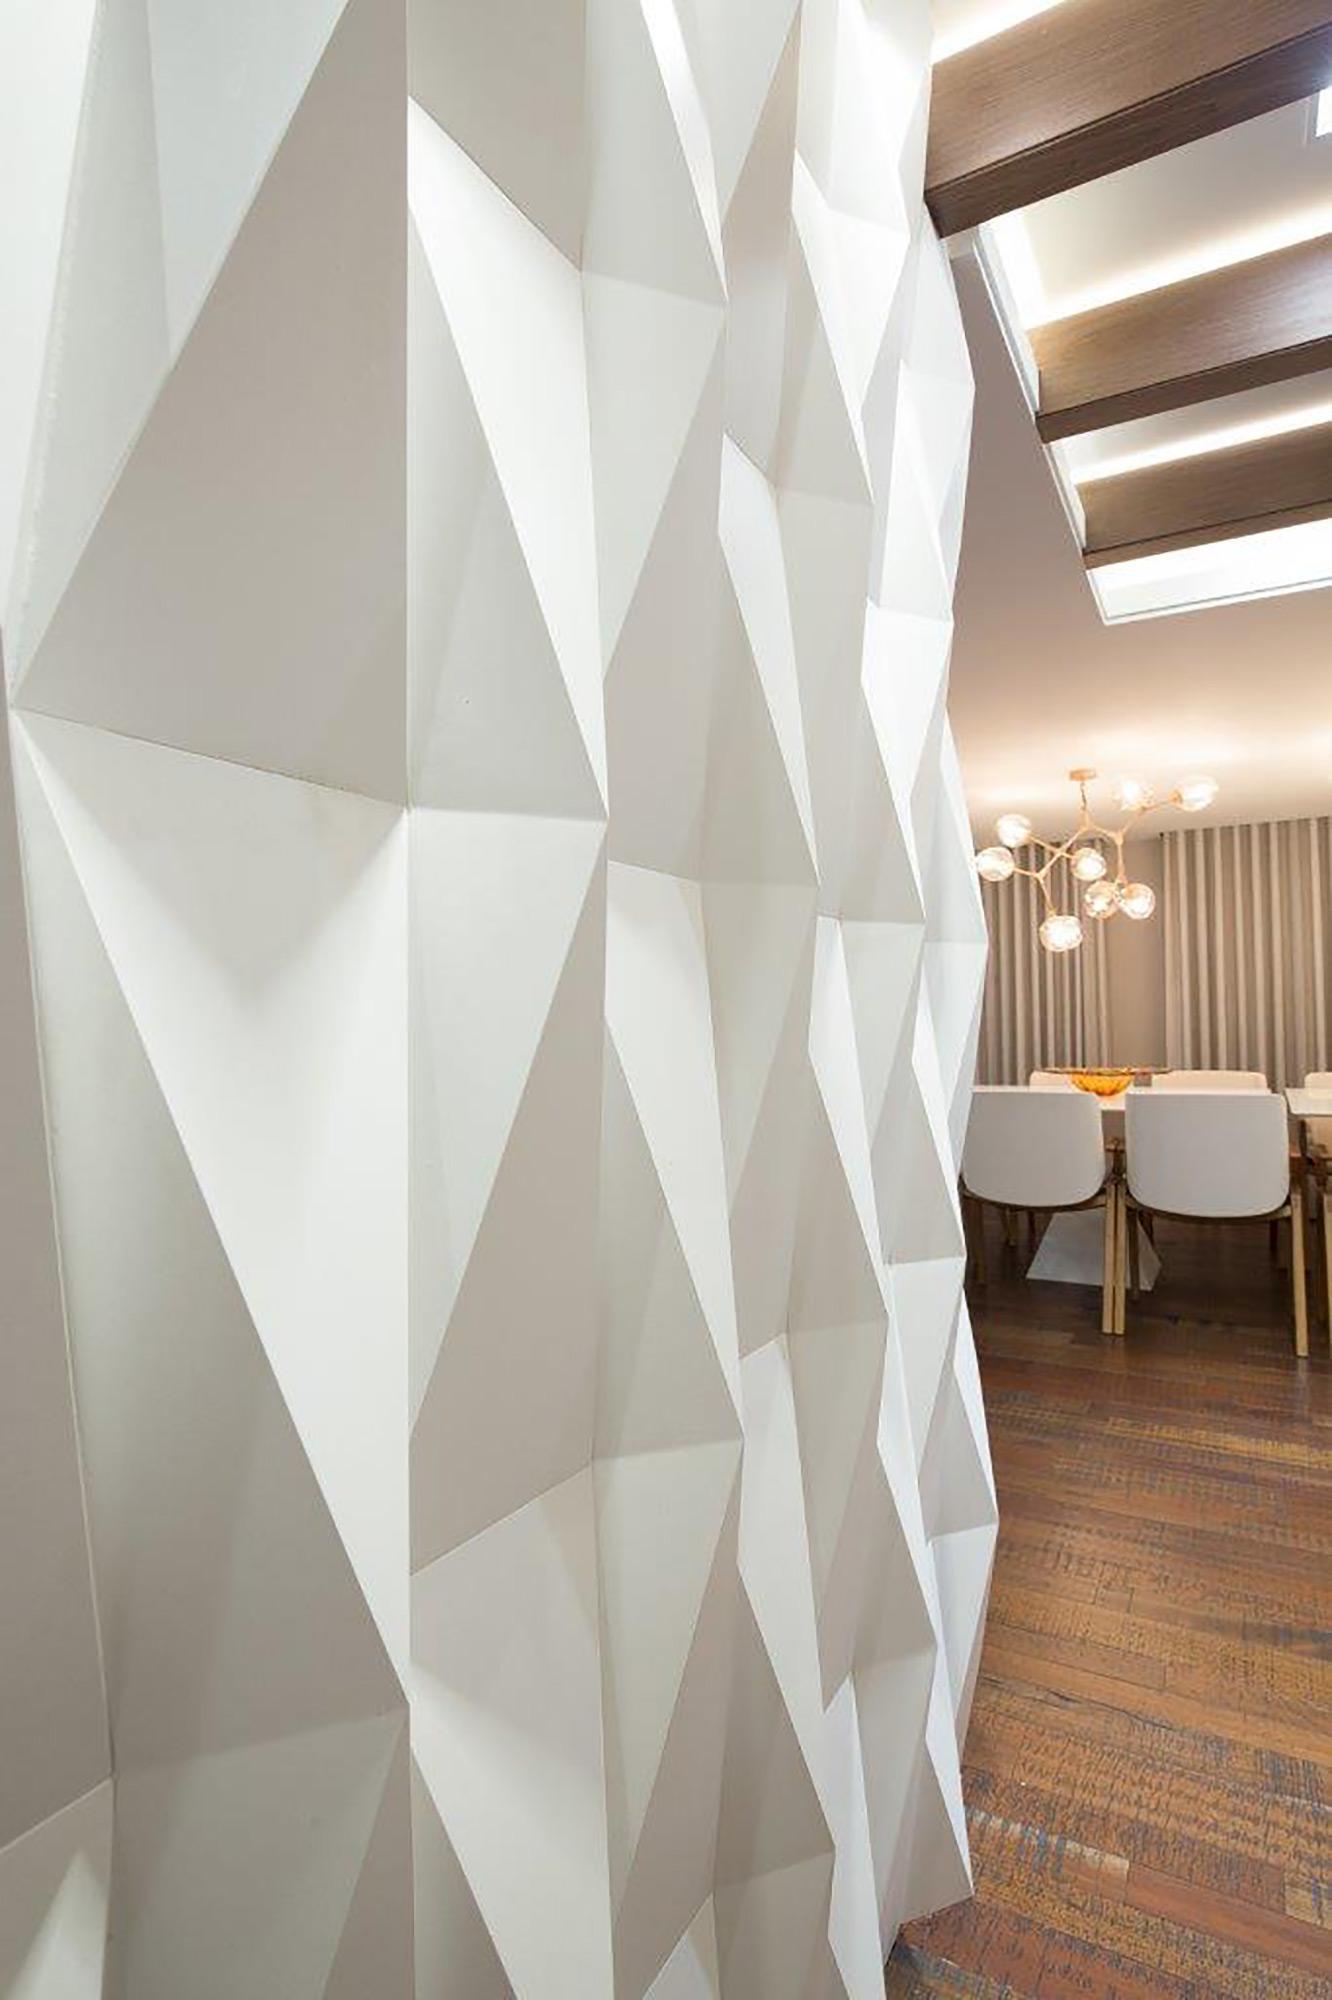 Origami Paris Branco - Arquiteta Danielle Garros - Foto André Bastian